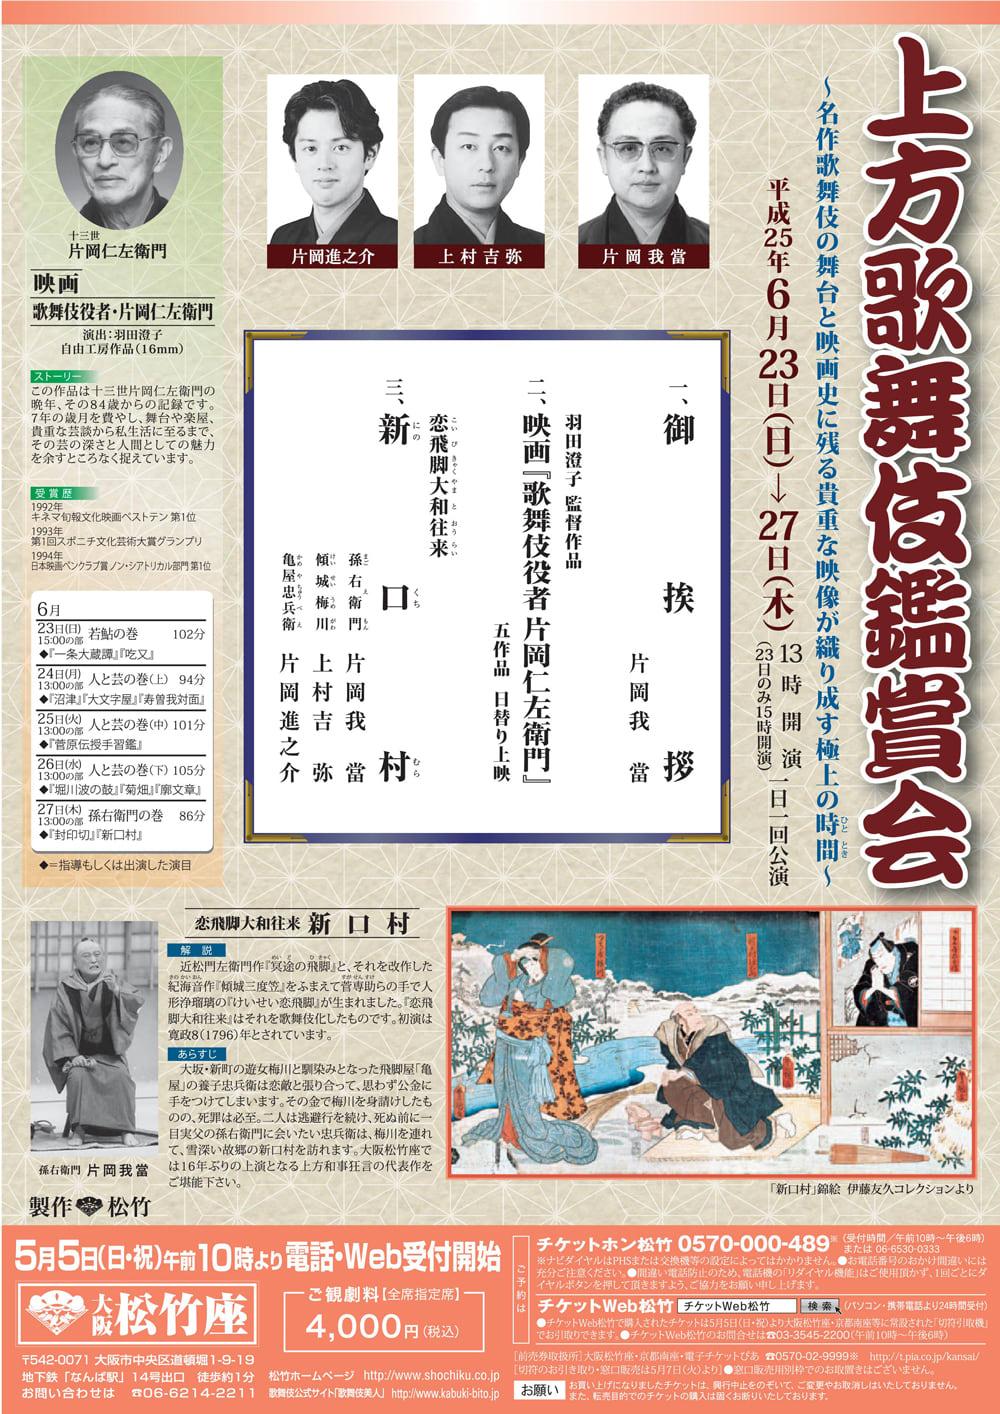 平成25年(2013)6月 松竹座 上方歌舞伎鑑賞会 ...